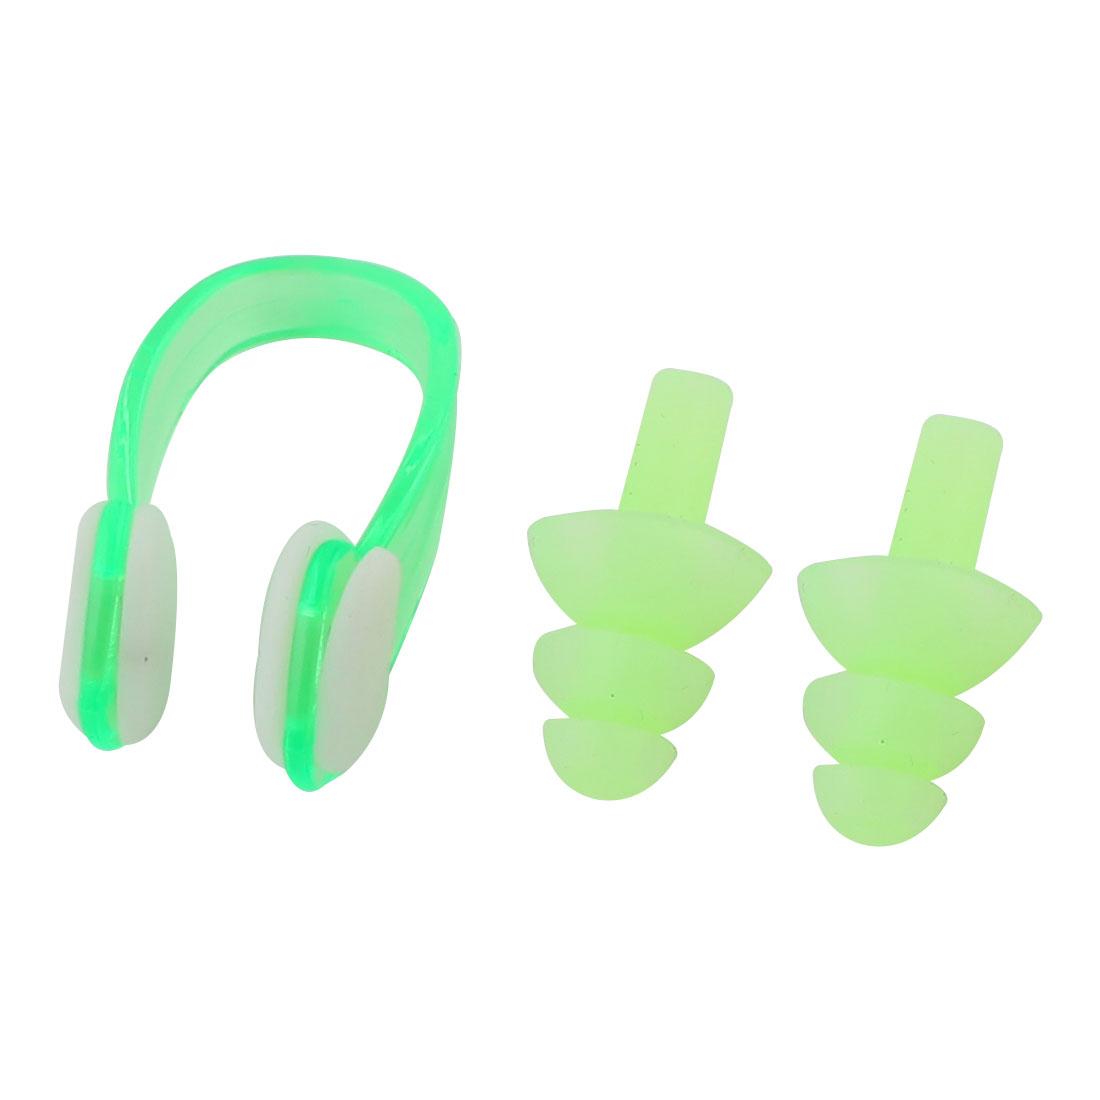 Green Silicone Earplugs Plastic Nose Clip Set for Swim Swimming